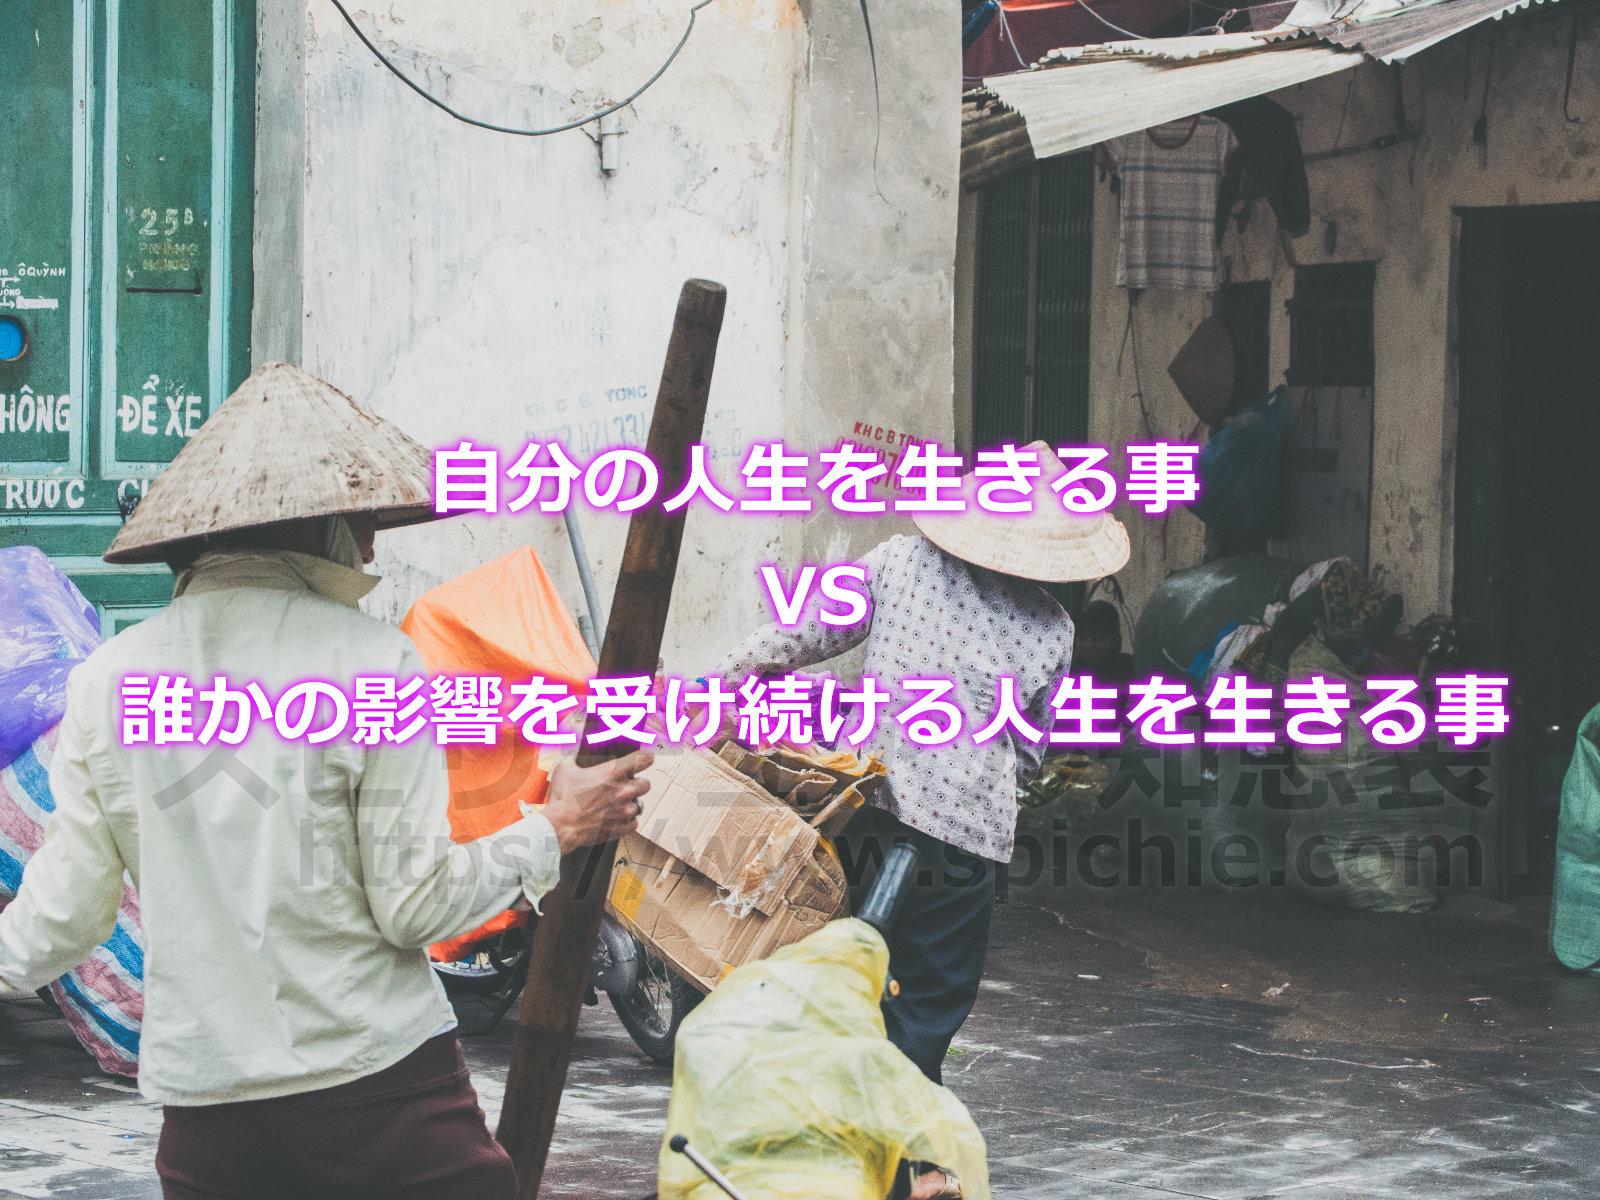 「自分の人生を生きる事」VS「誰かの影響を受け続ける人生を生きる事」のアイキャッチ画像